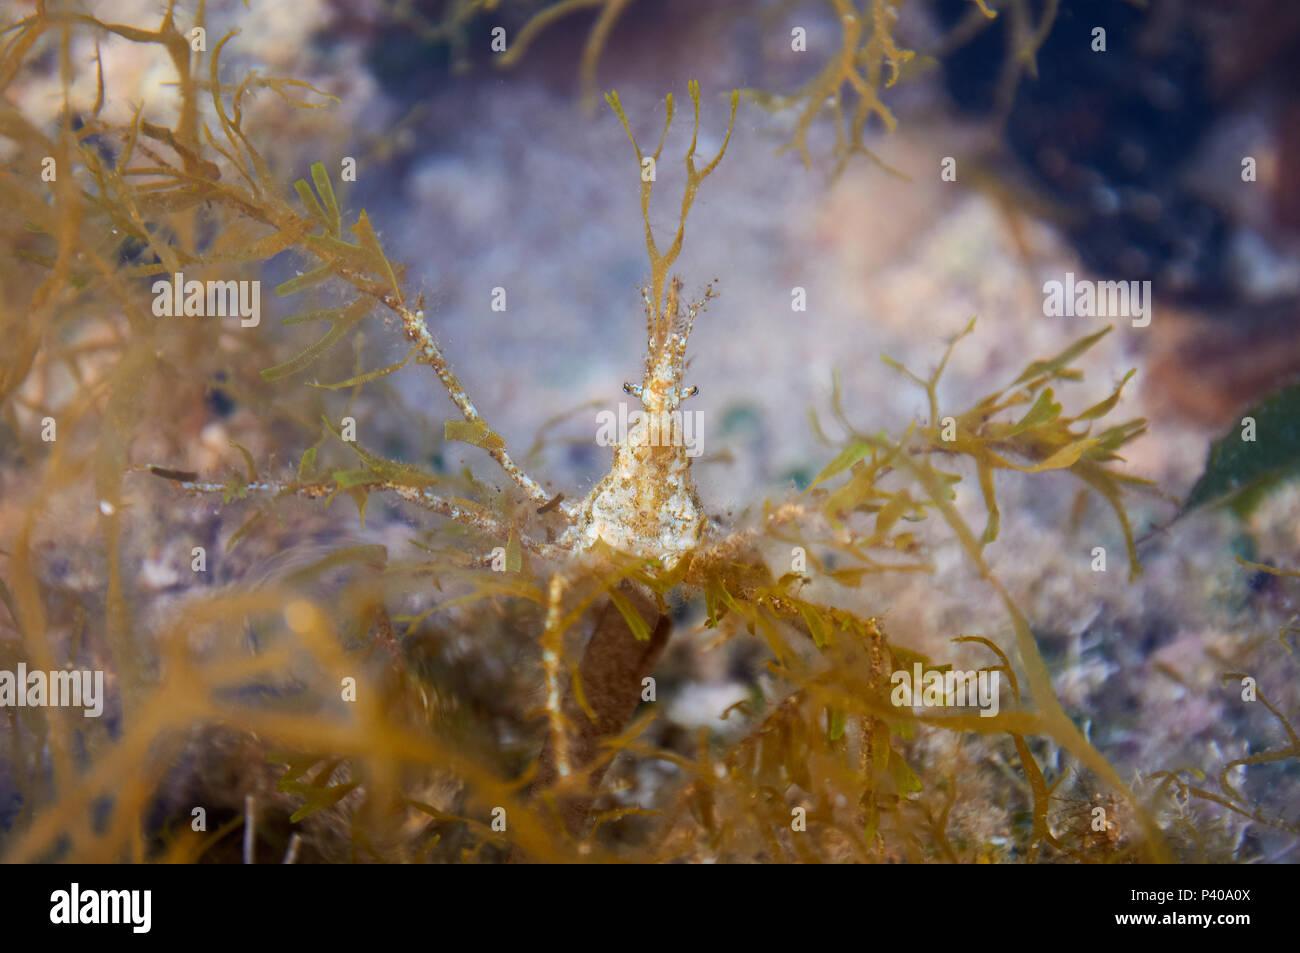 La centolla (Macropodia deflexa) camuflado con algas intermareales en una piscina en el Parque Natural de Ses Salines en Formentera, Islas Baleares, España) Foto de stock